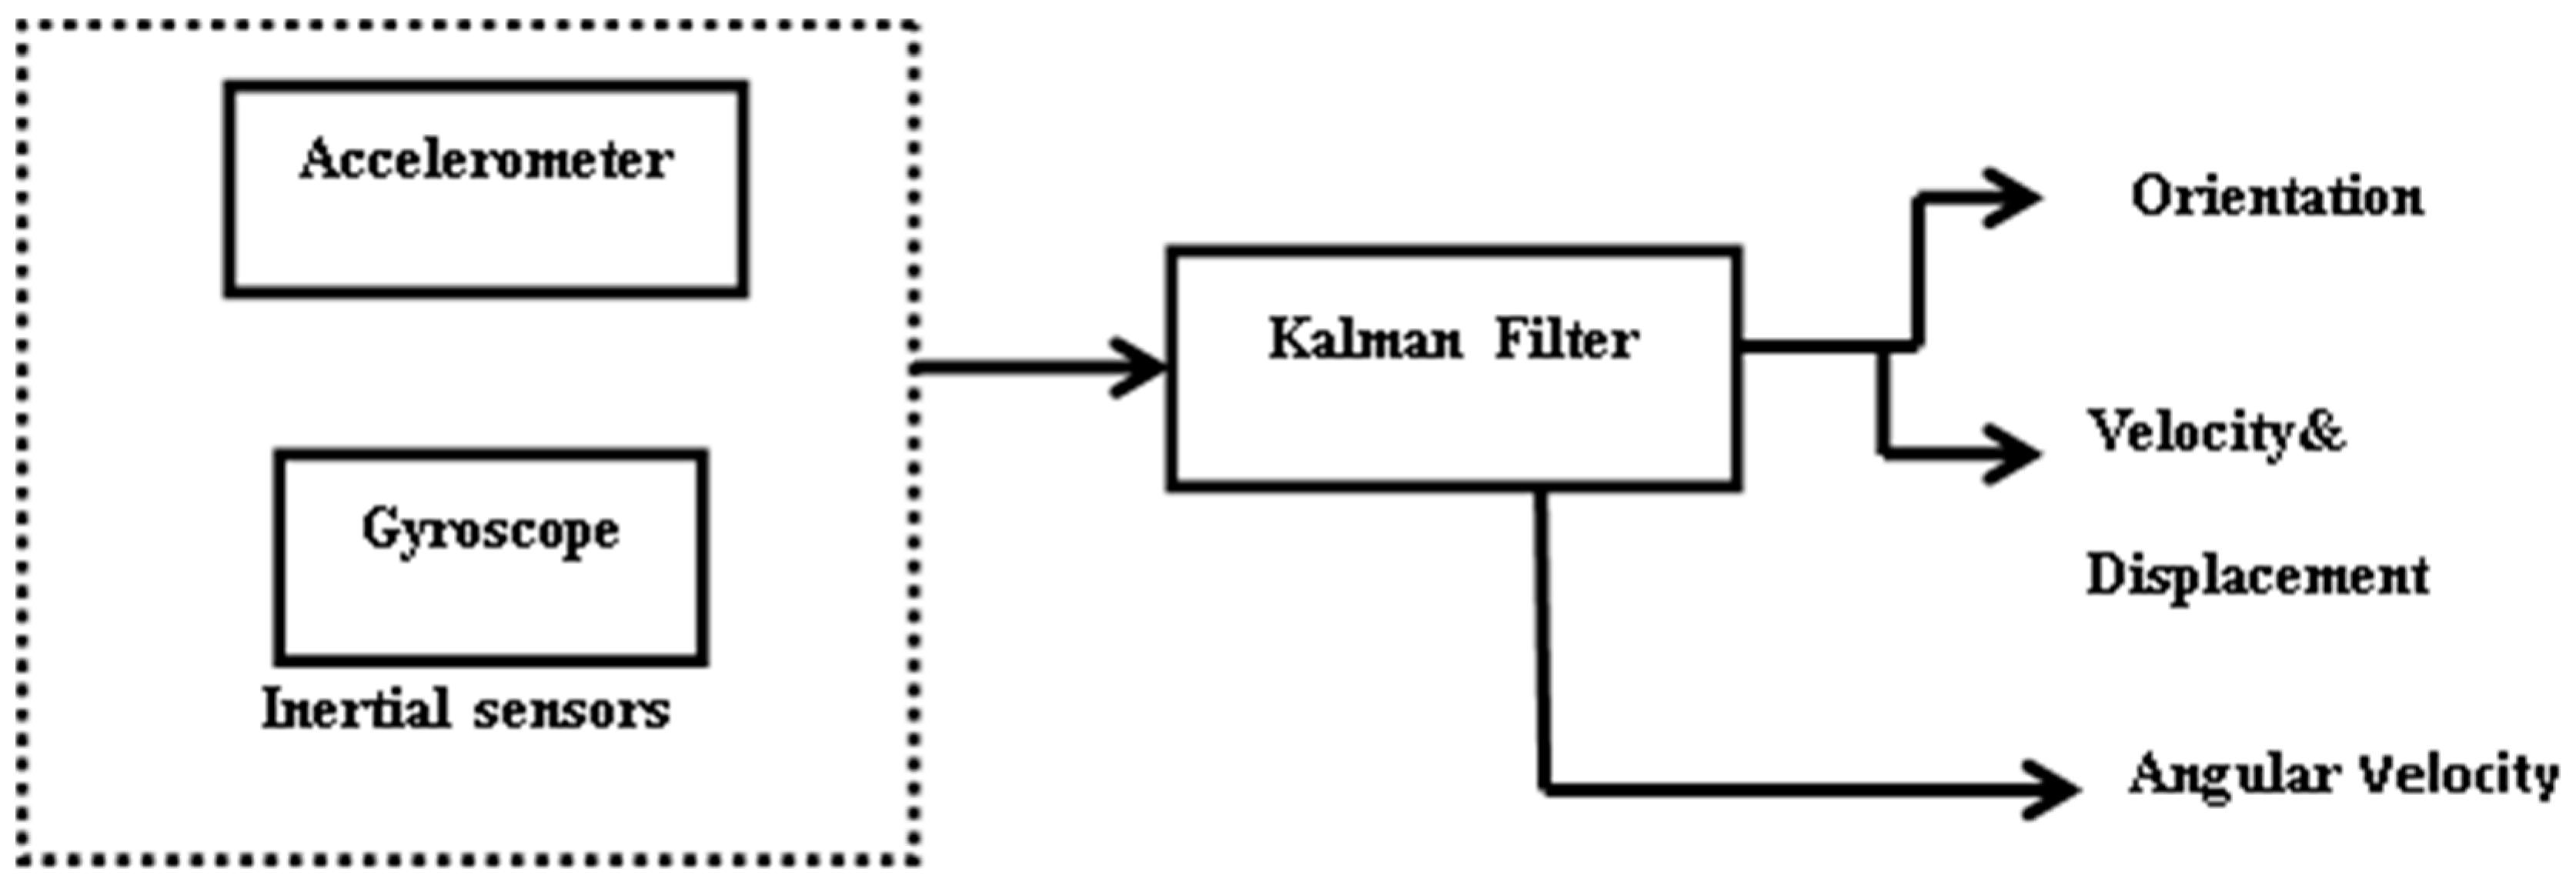 c code block diagram